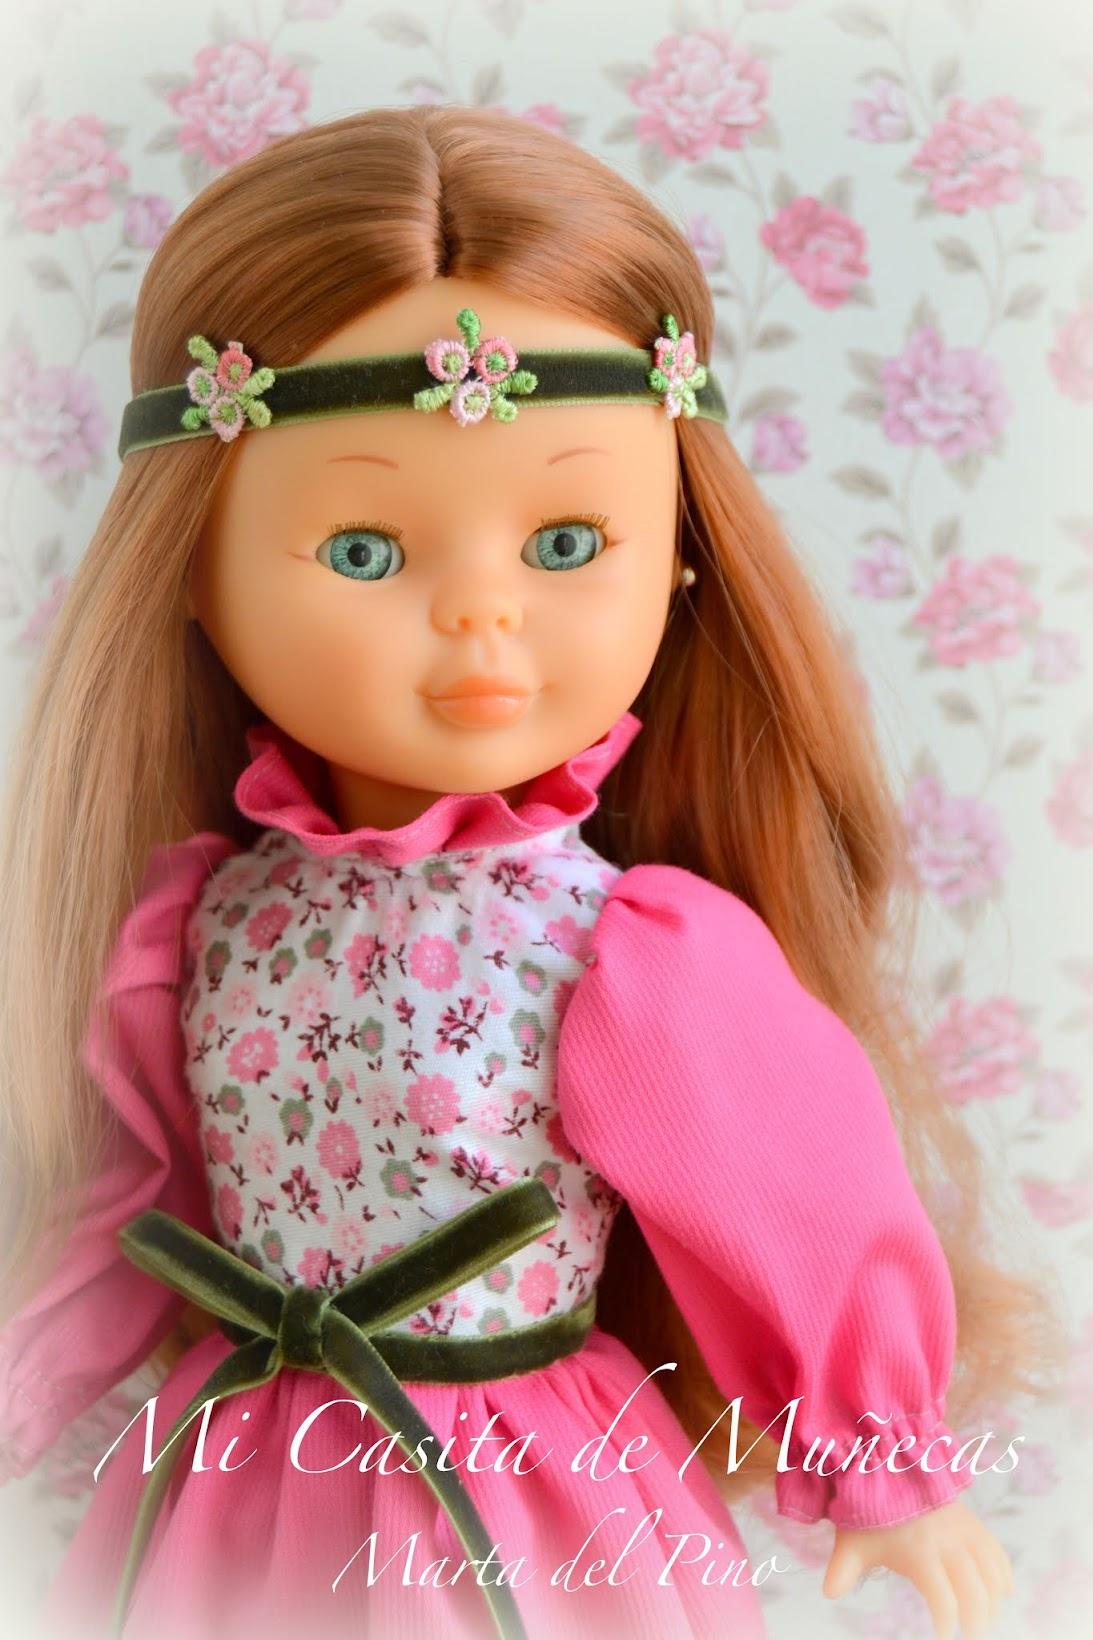 costura muñecas, Marta del Pino, Mi Casita de Muñecas, Nancy y sus vestidos, vestidos para muñecas,